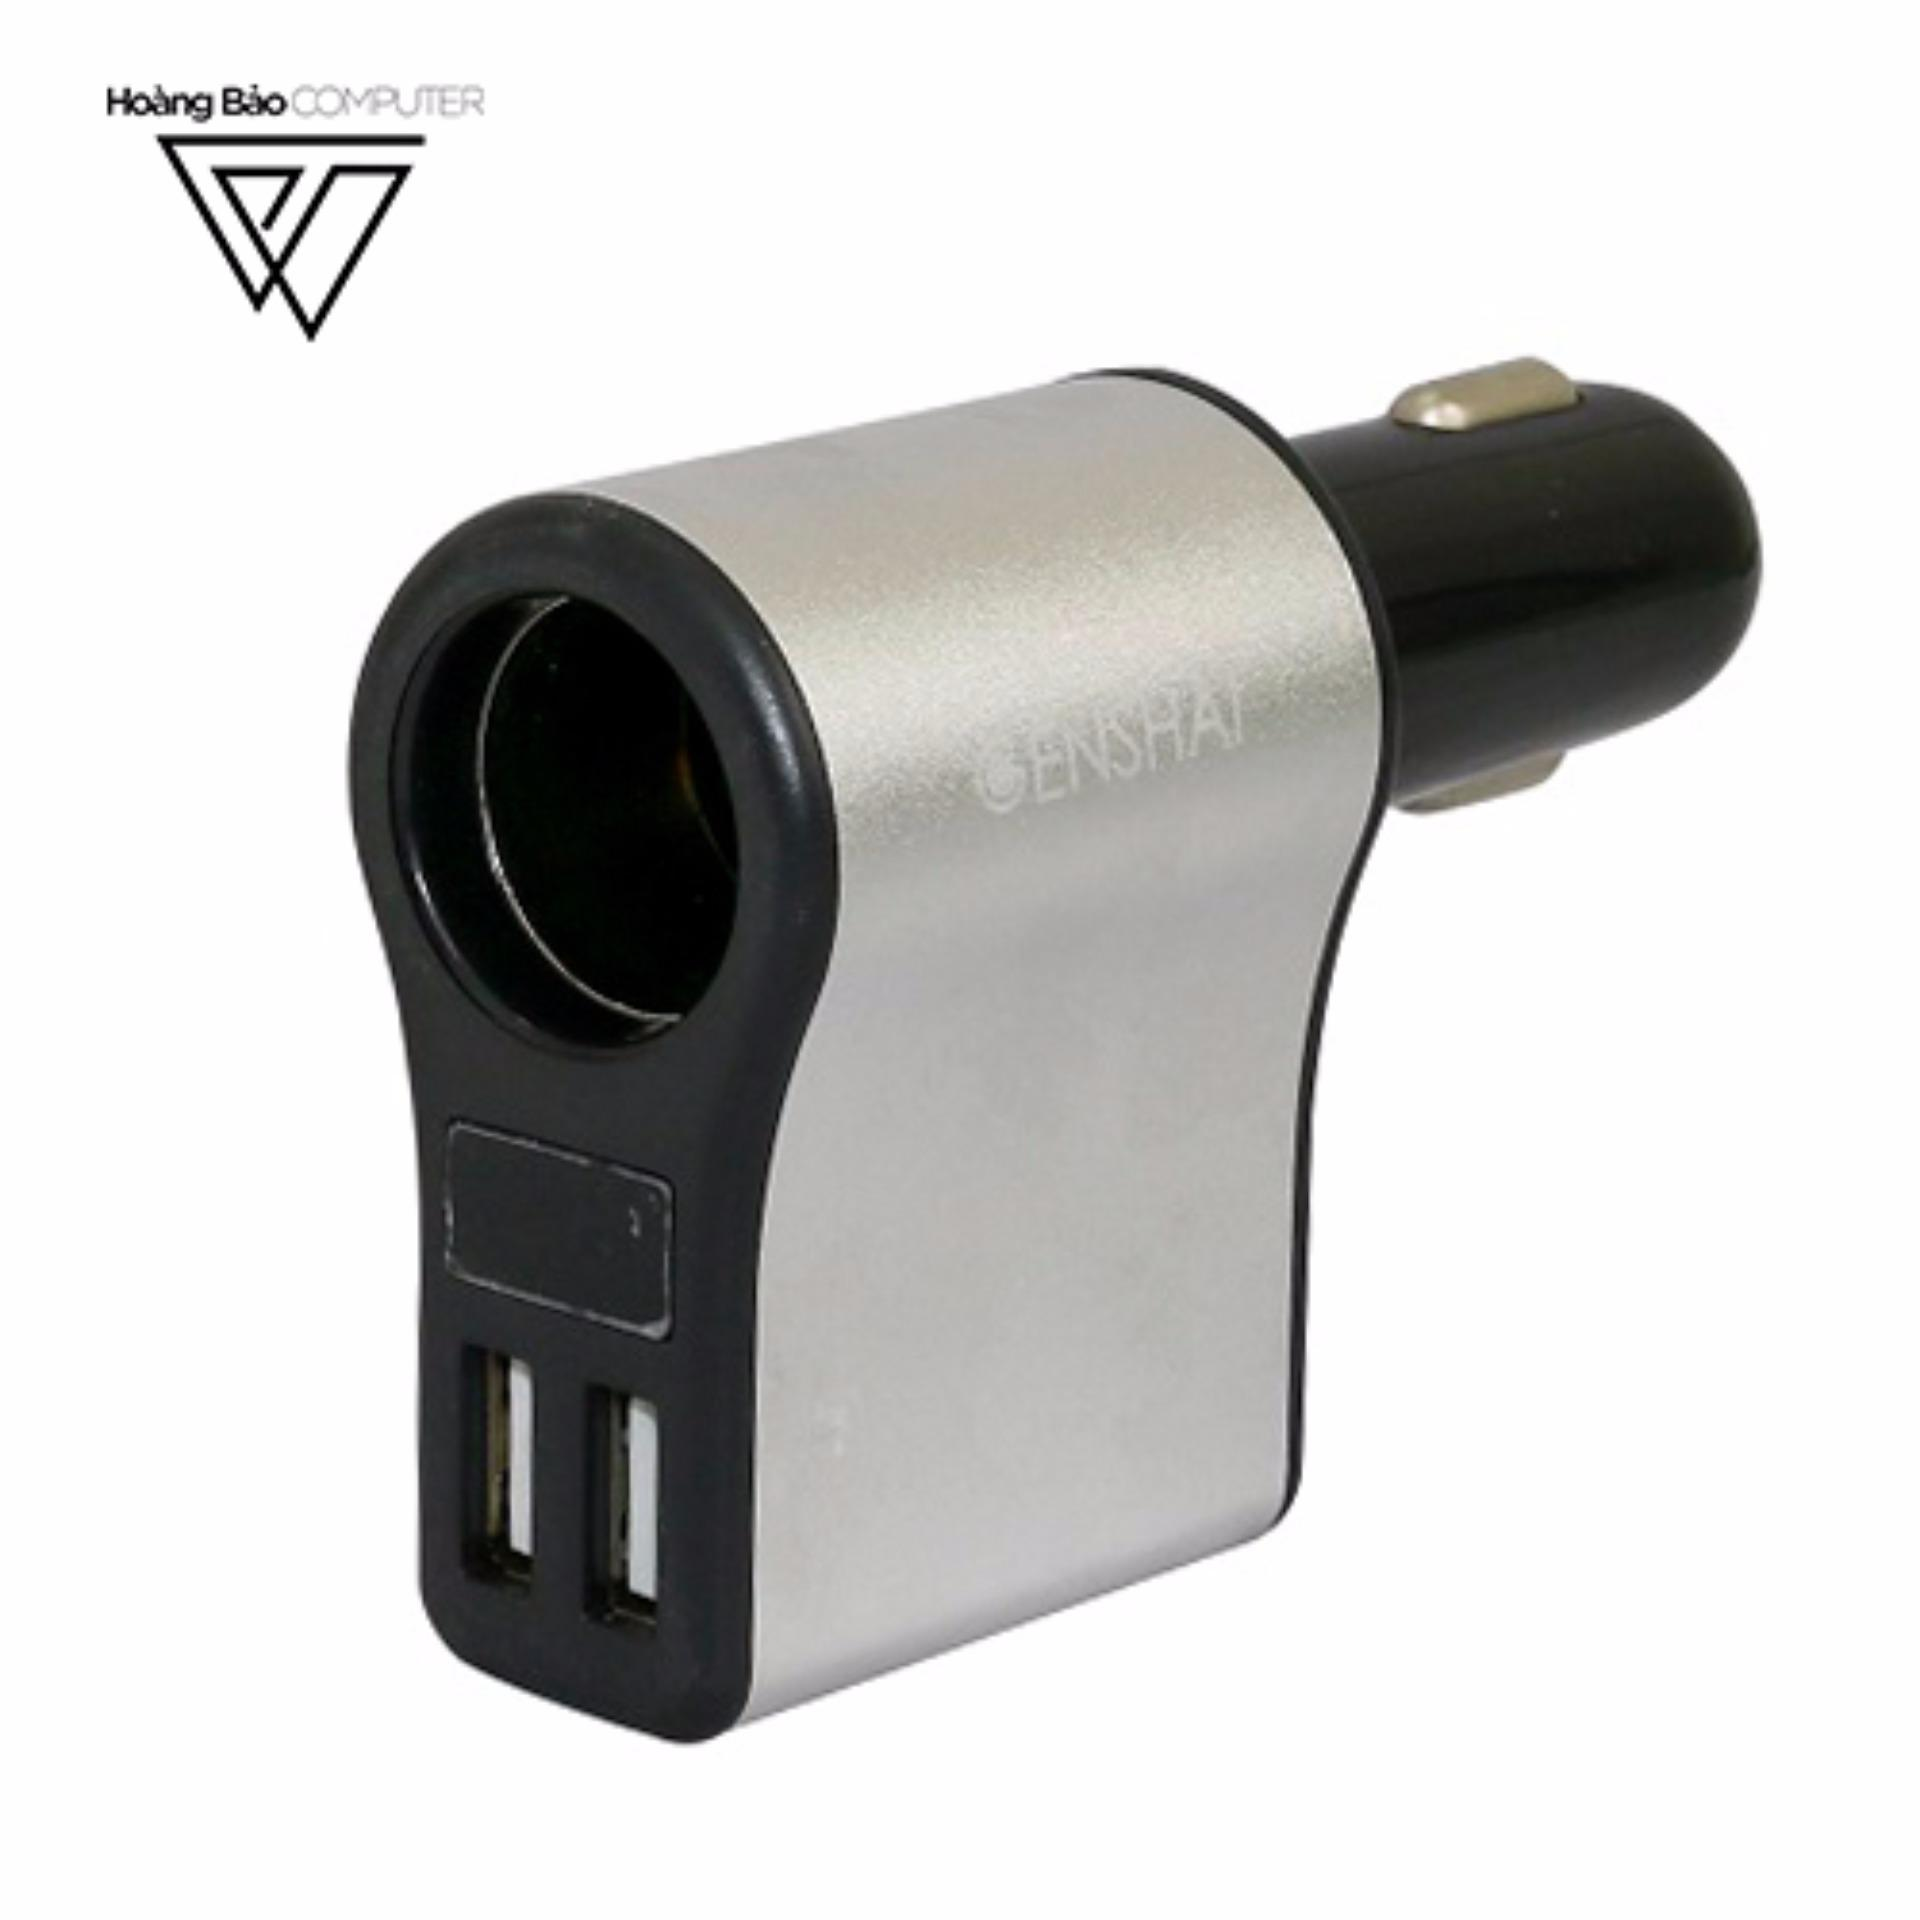 SẠC AC XE HƠI GENSHAI SMART GC02 2 CỔNG USB - Hãng phân phối chính thức